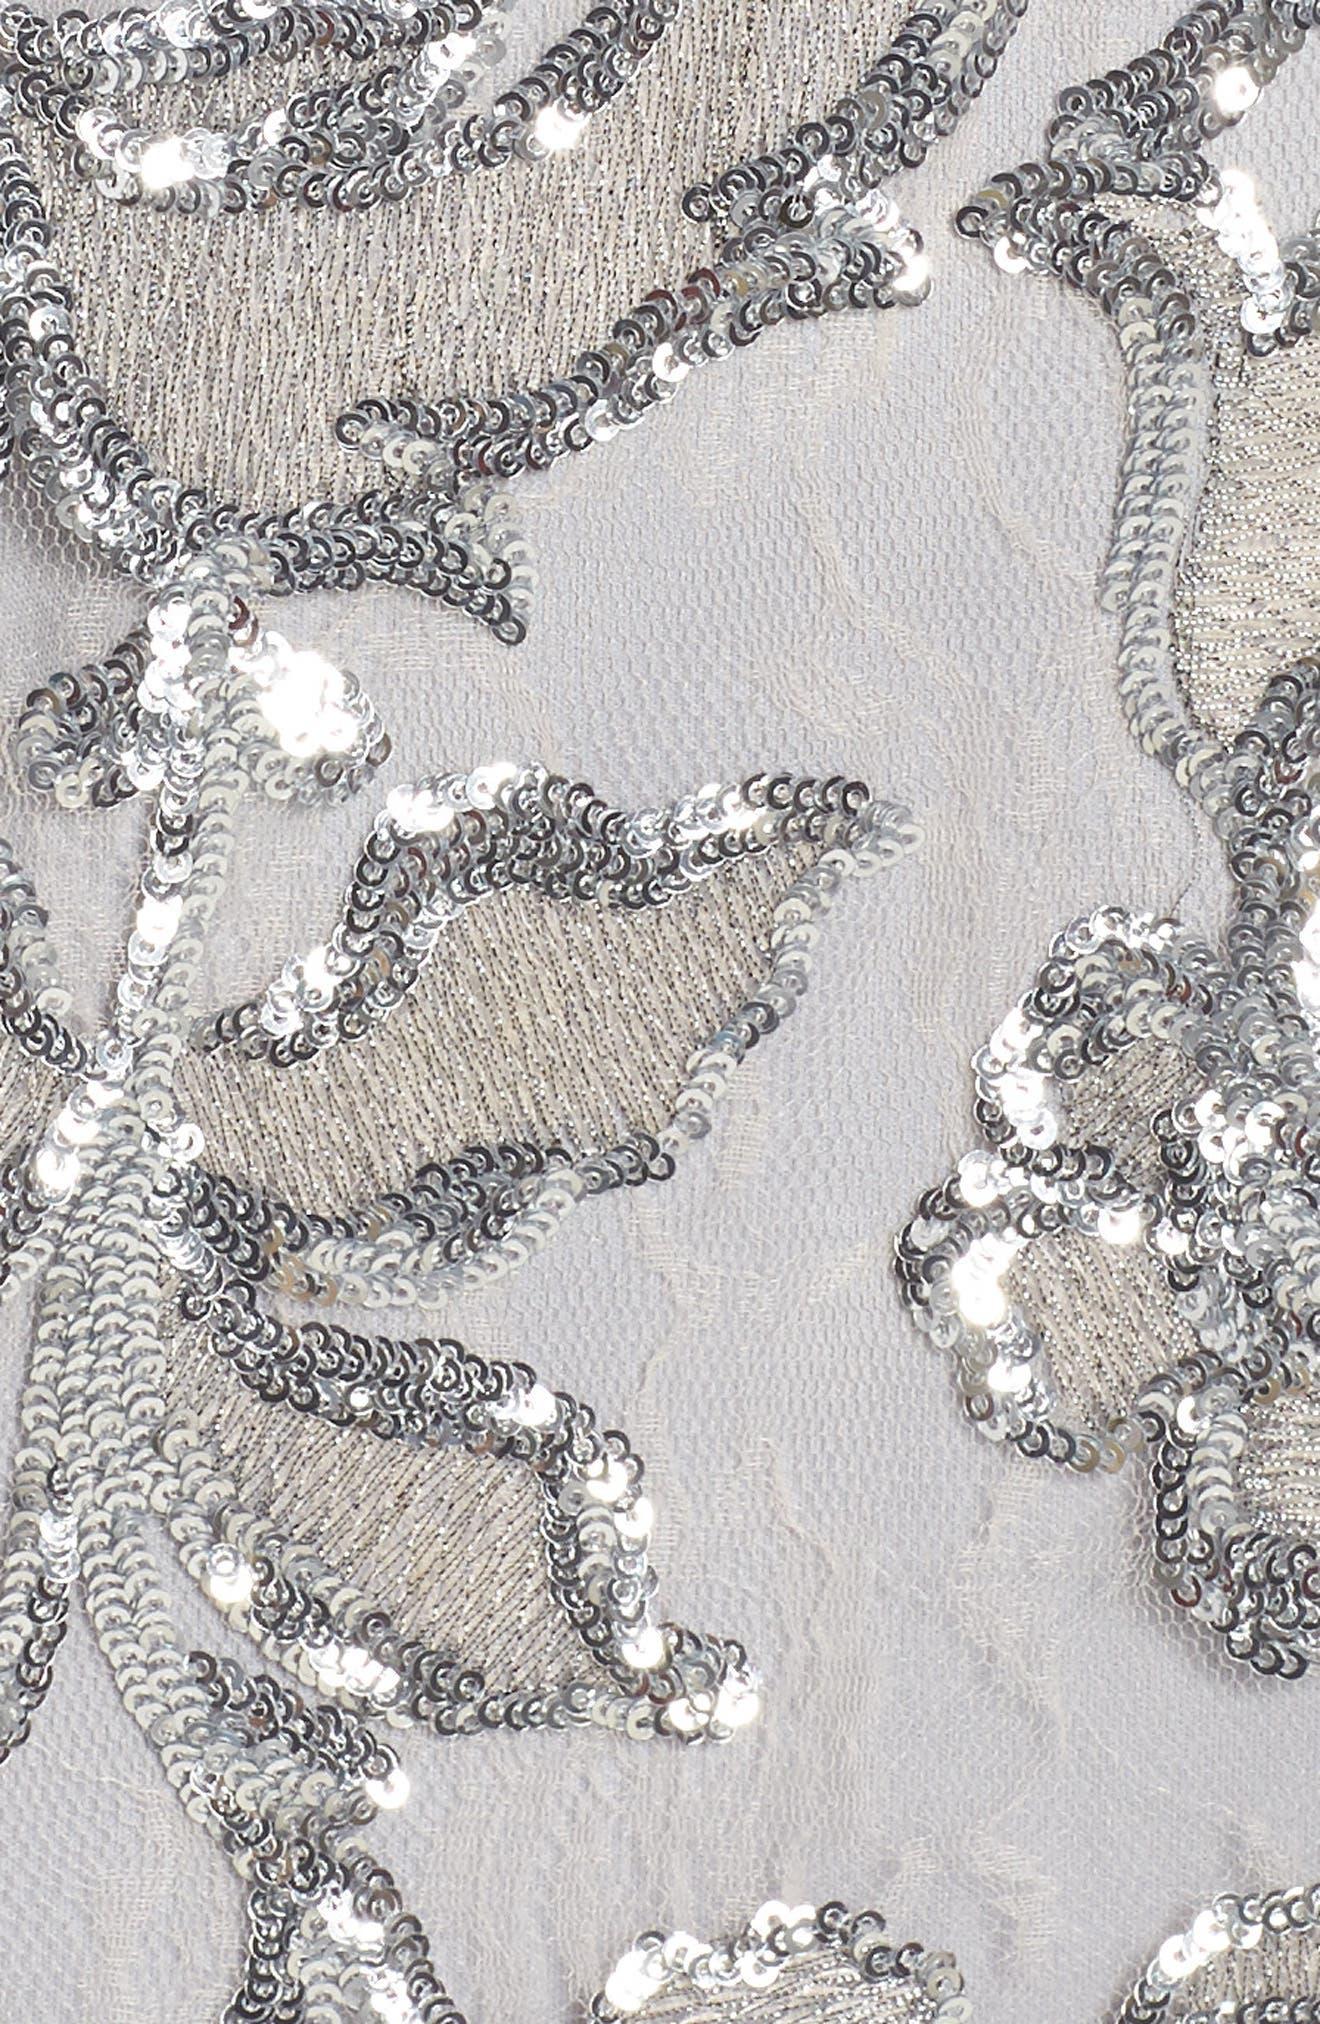 Floral Sequin Sheath Dress,                             Alternate thumbnail 6, color,                             040